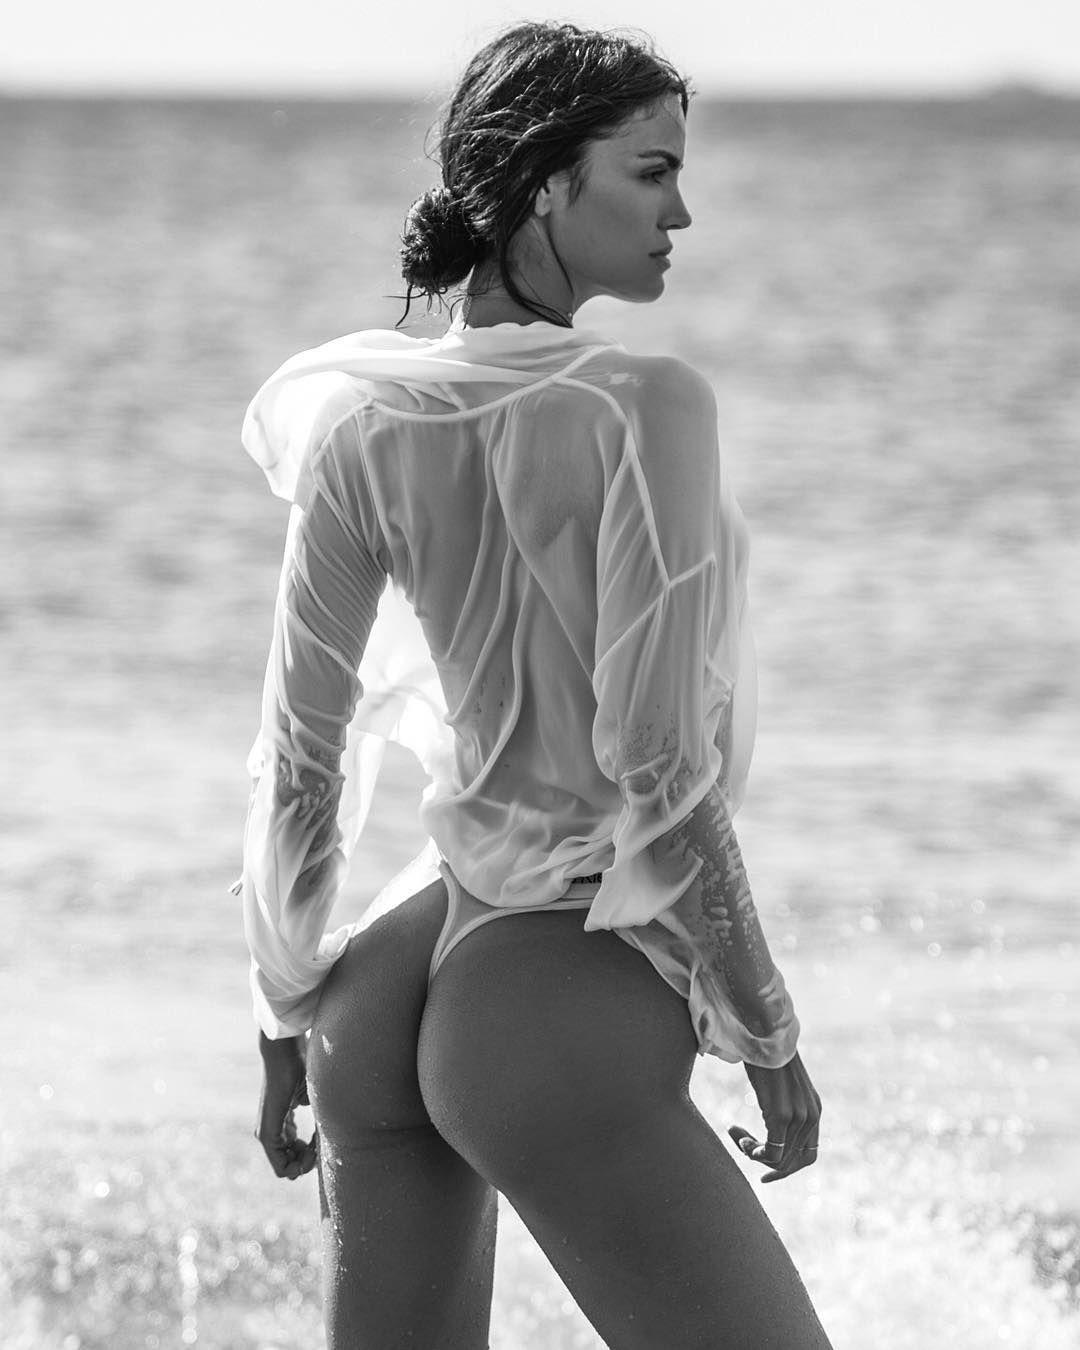 legs Instagram Sofia Resing naked photo 2017